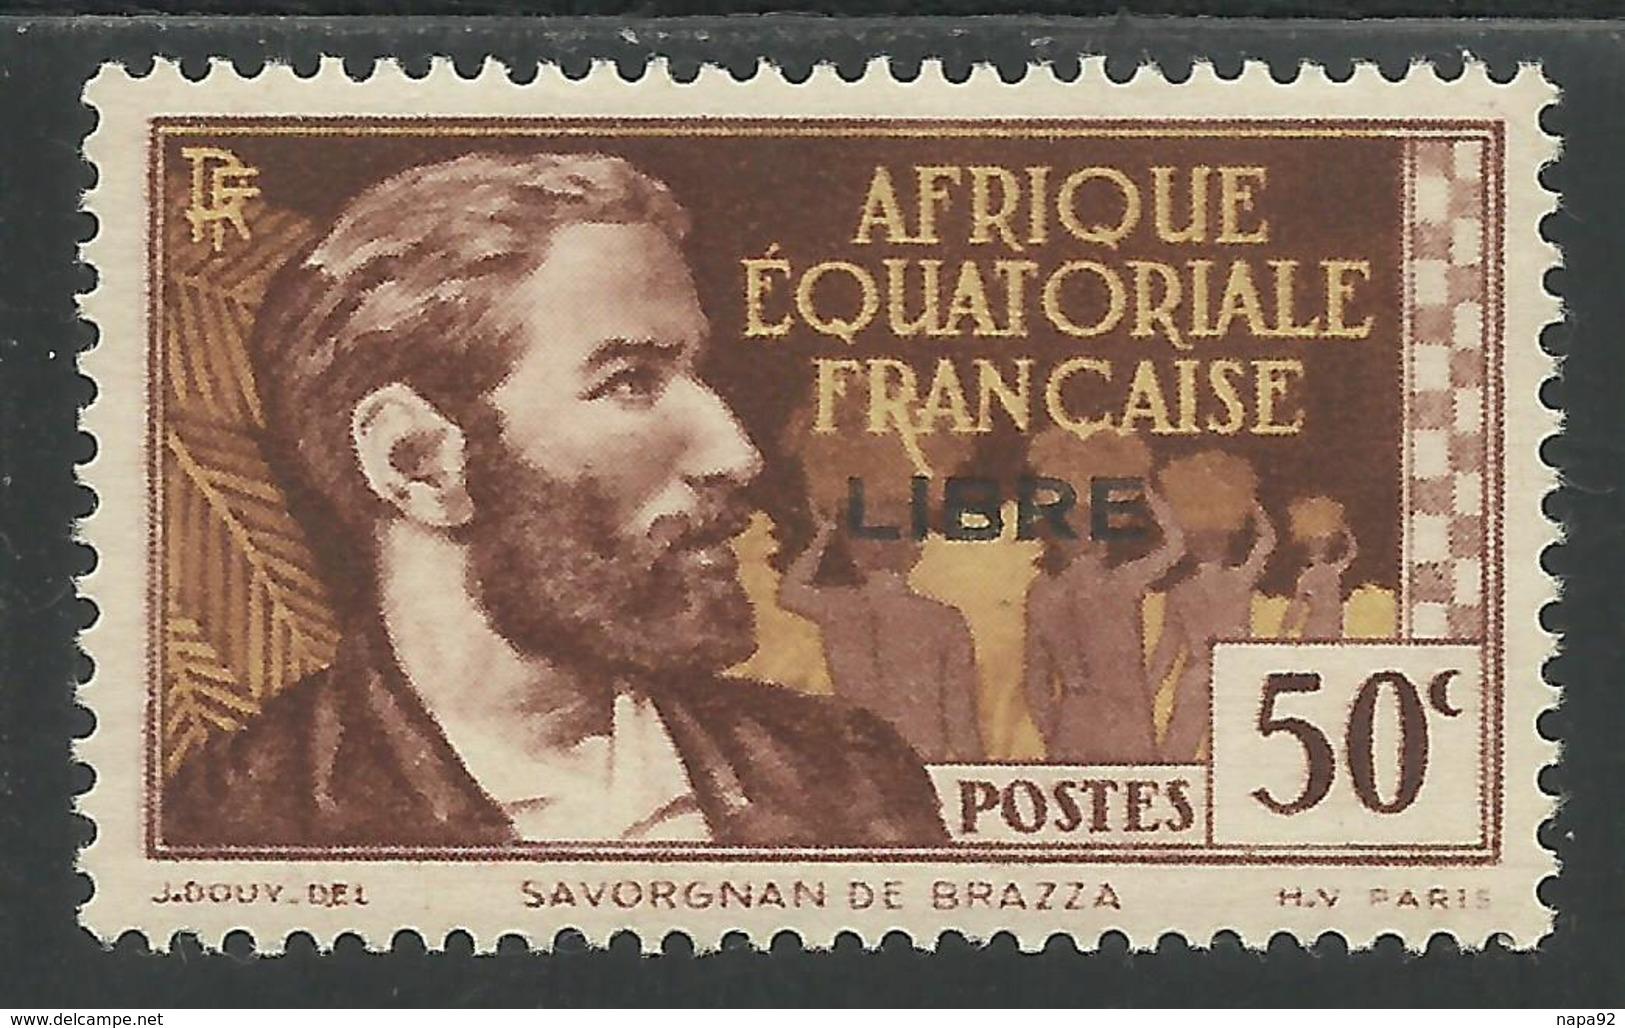 AFRIQUE EQUATORIALE FRANCAISE - AEF - A.E.F. - 1941 - YT 107** - Neufs